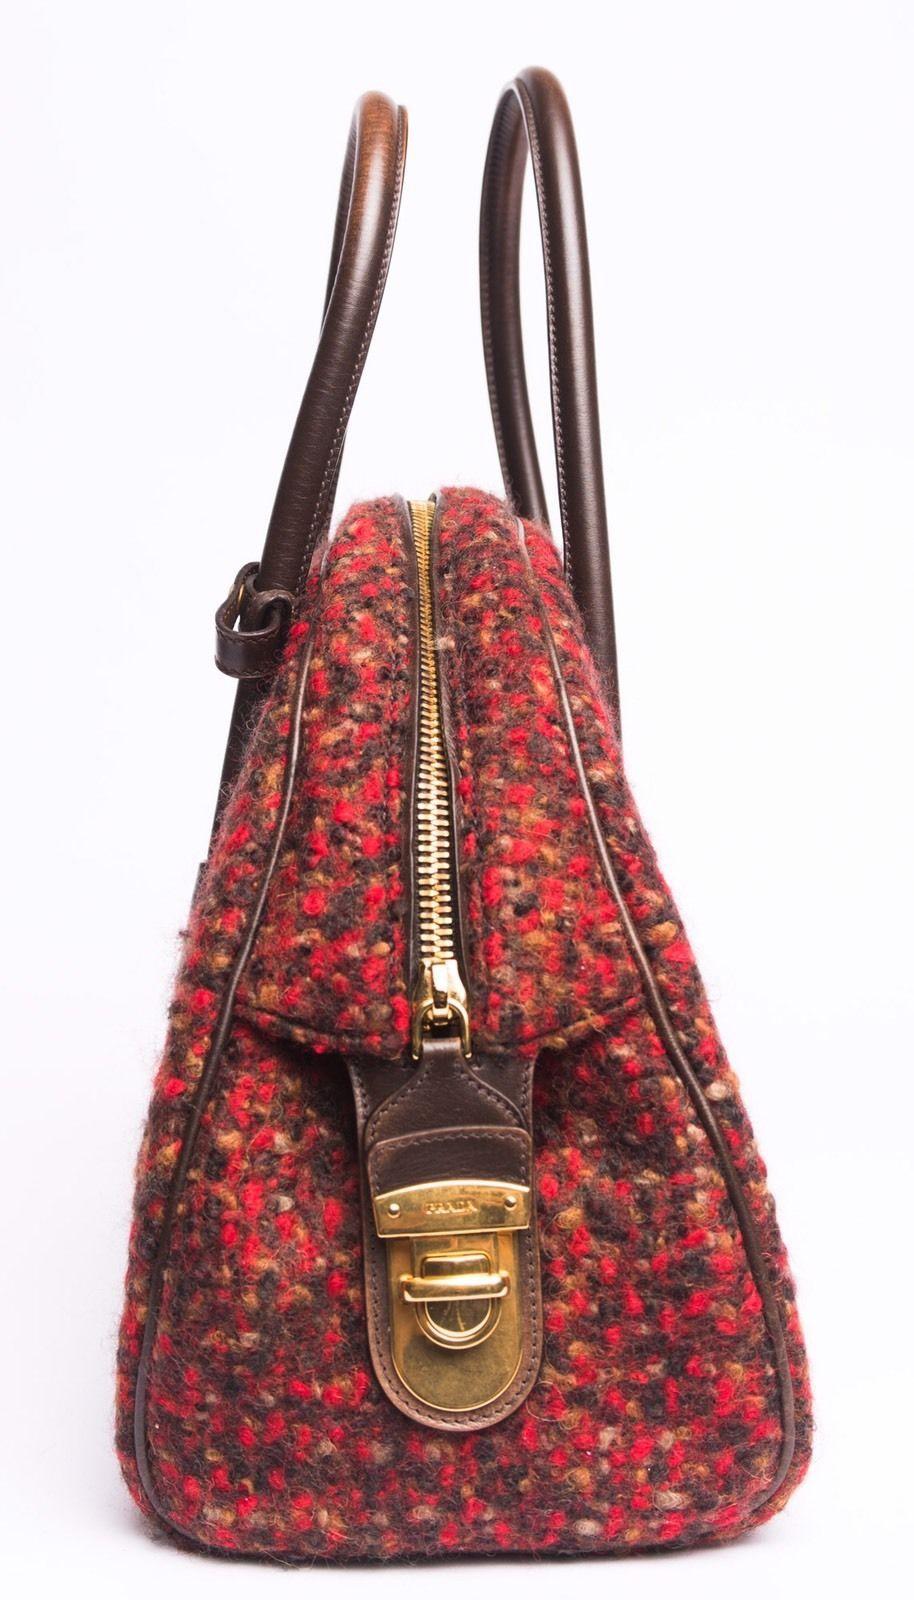 Prada Handbags Multicolor